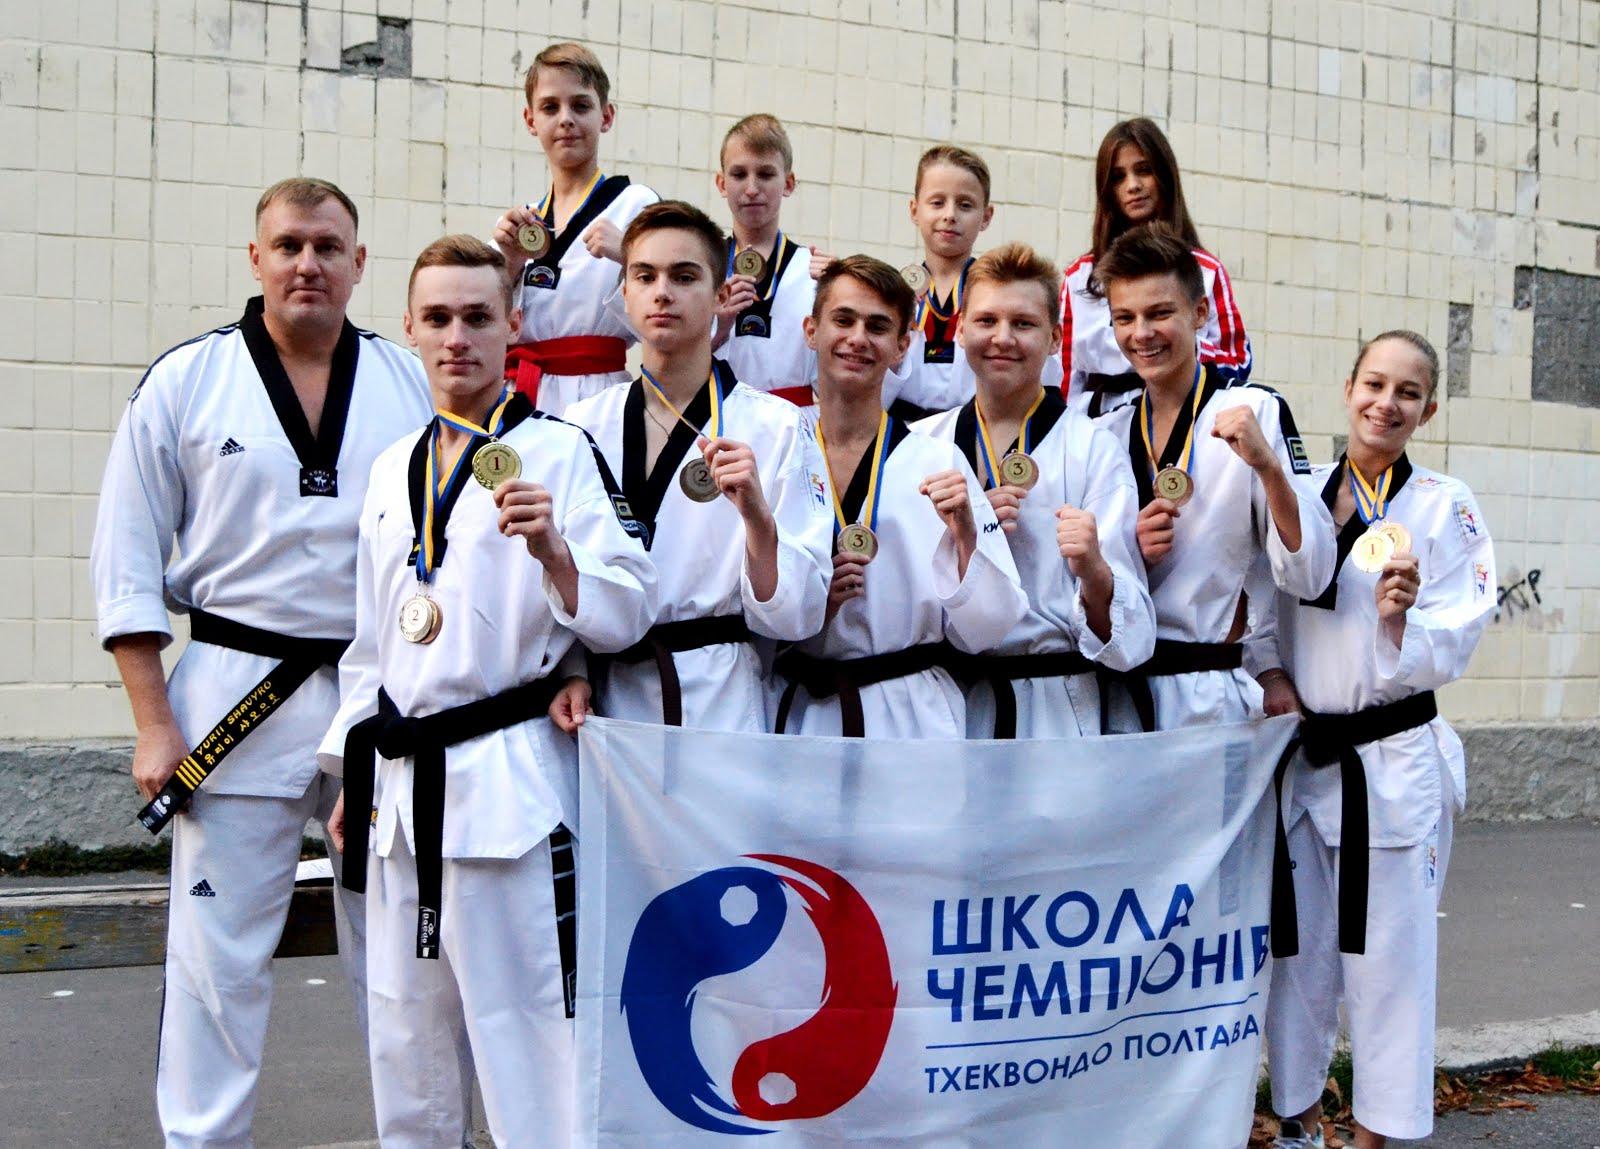 Про виступ на Чемпіонаті України ВІДЕО